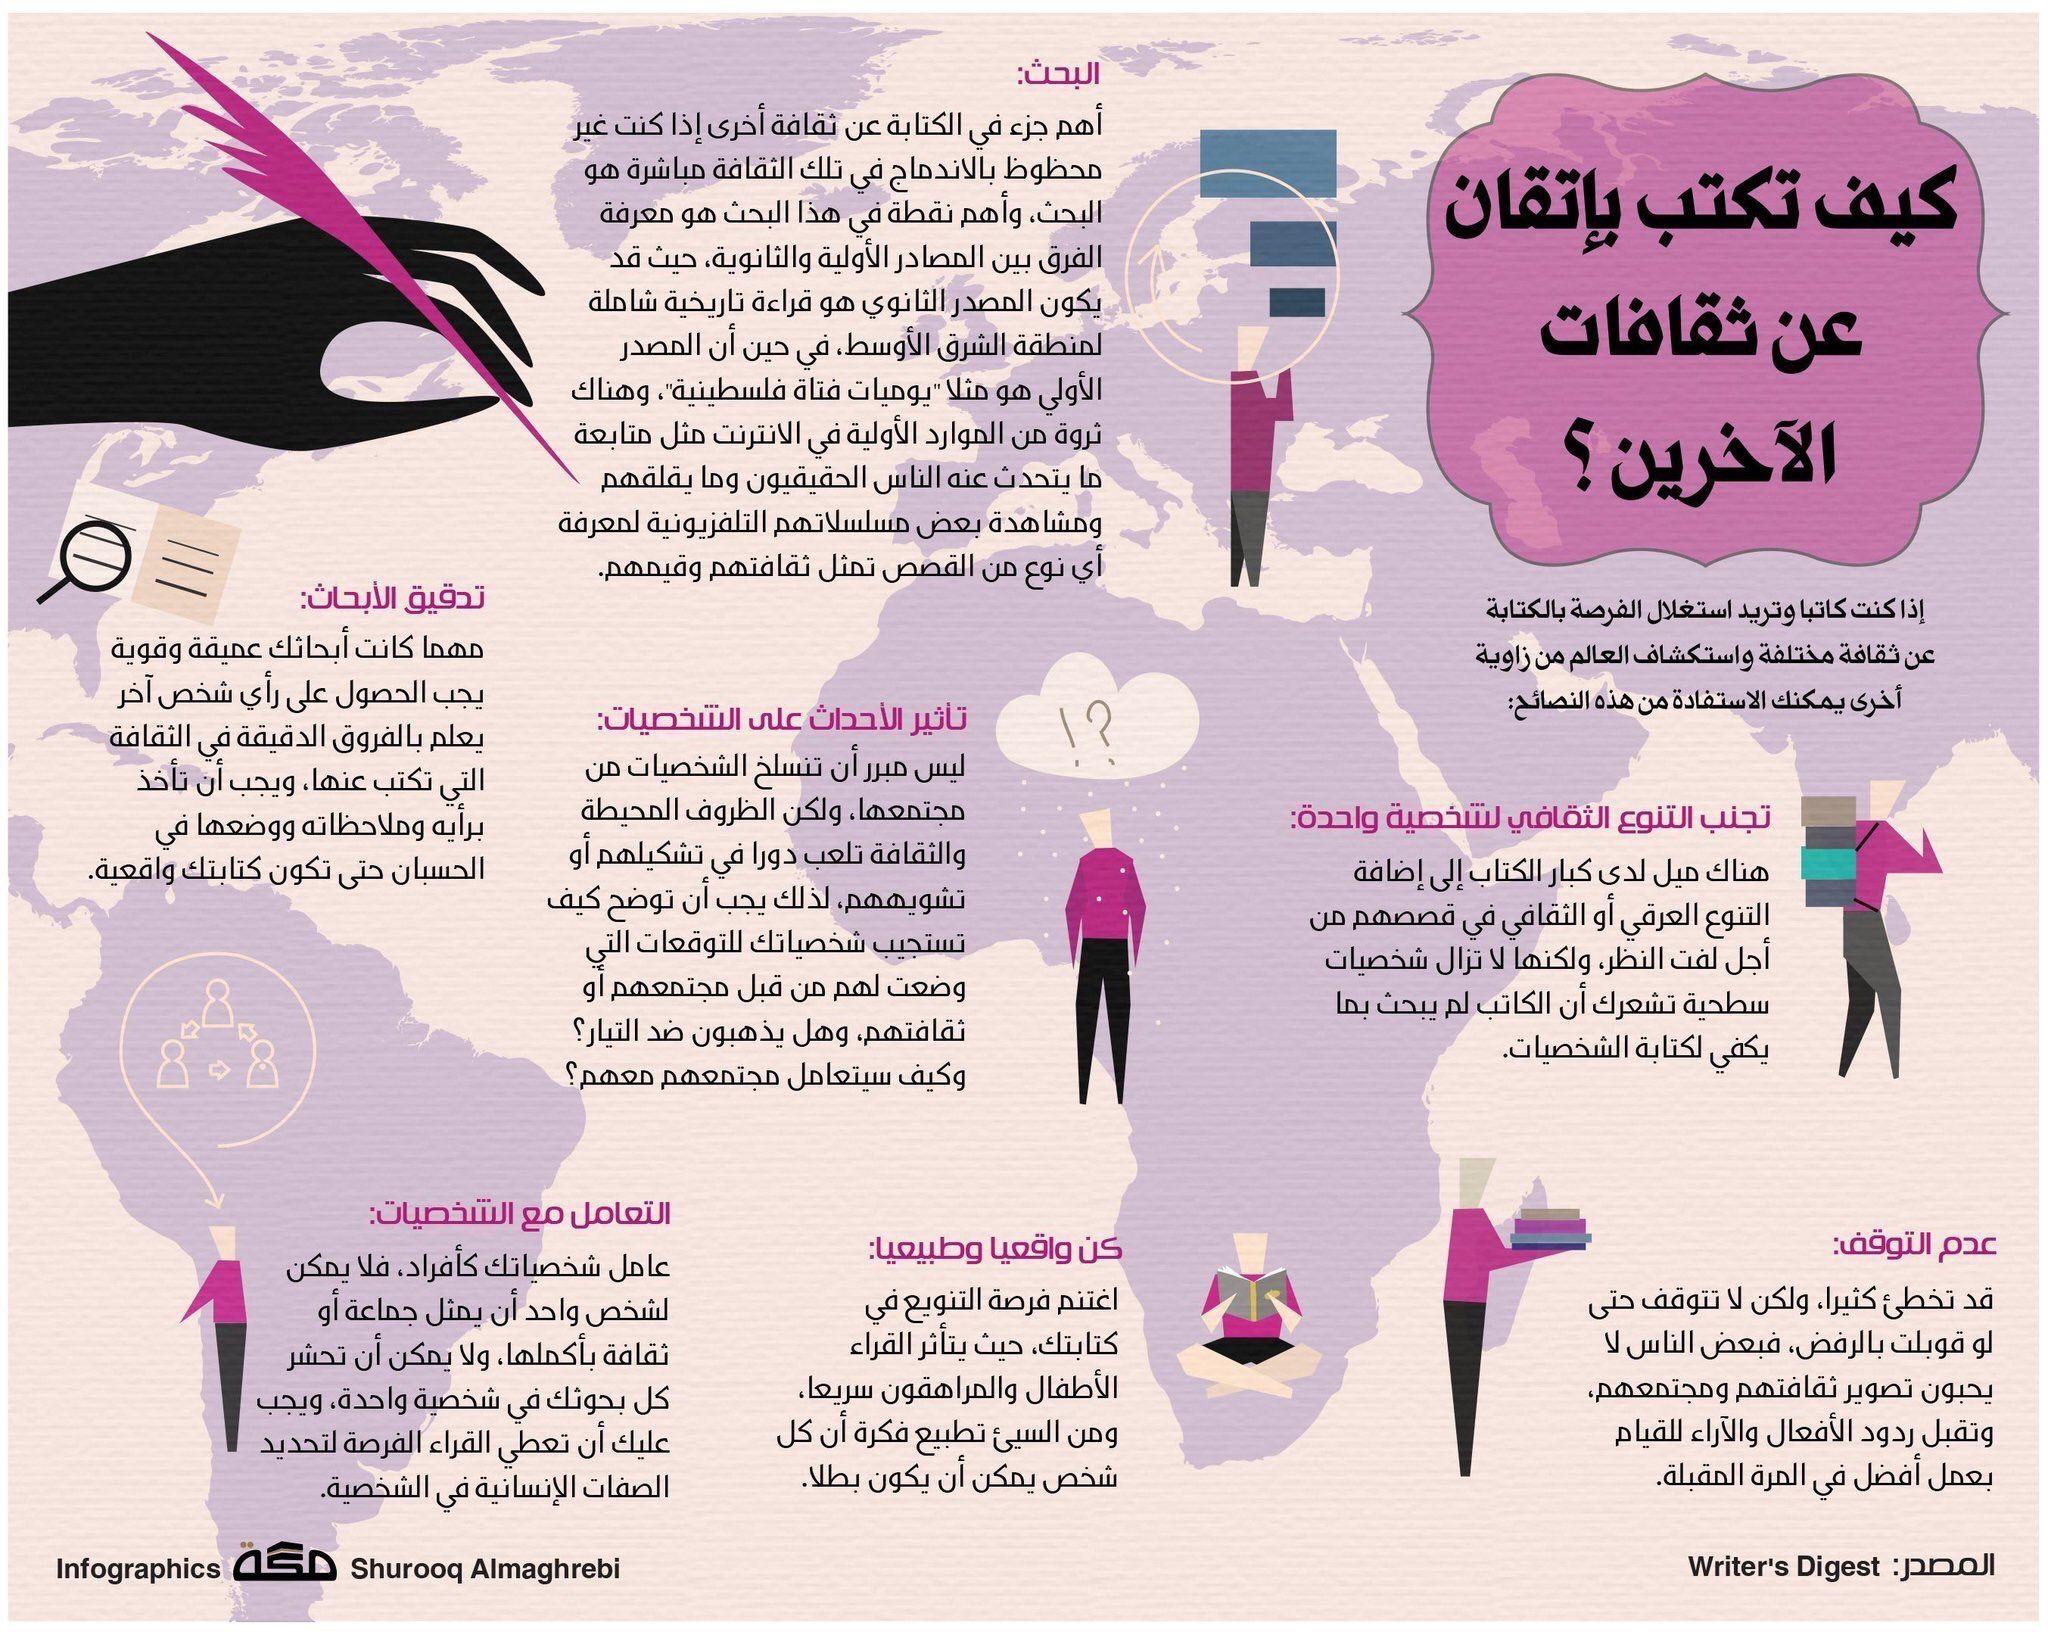 كيف تكتب عن الثقافات الأخرى Infographic Graphic Design Movie Posters